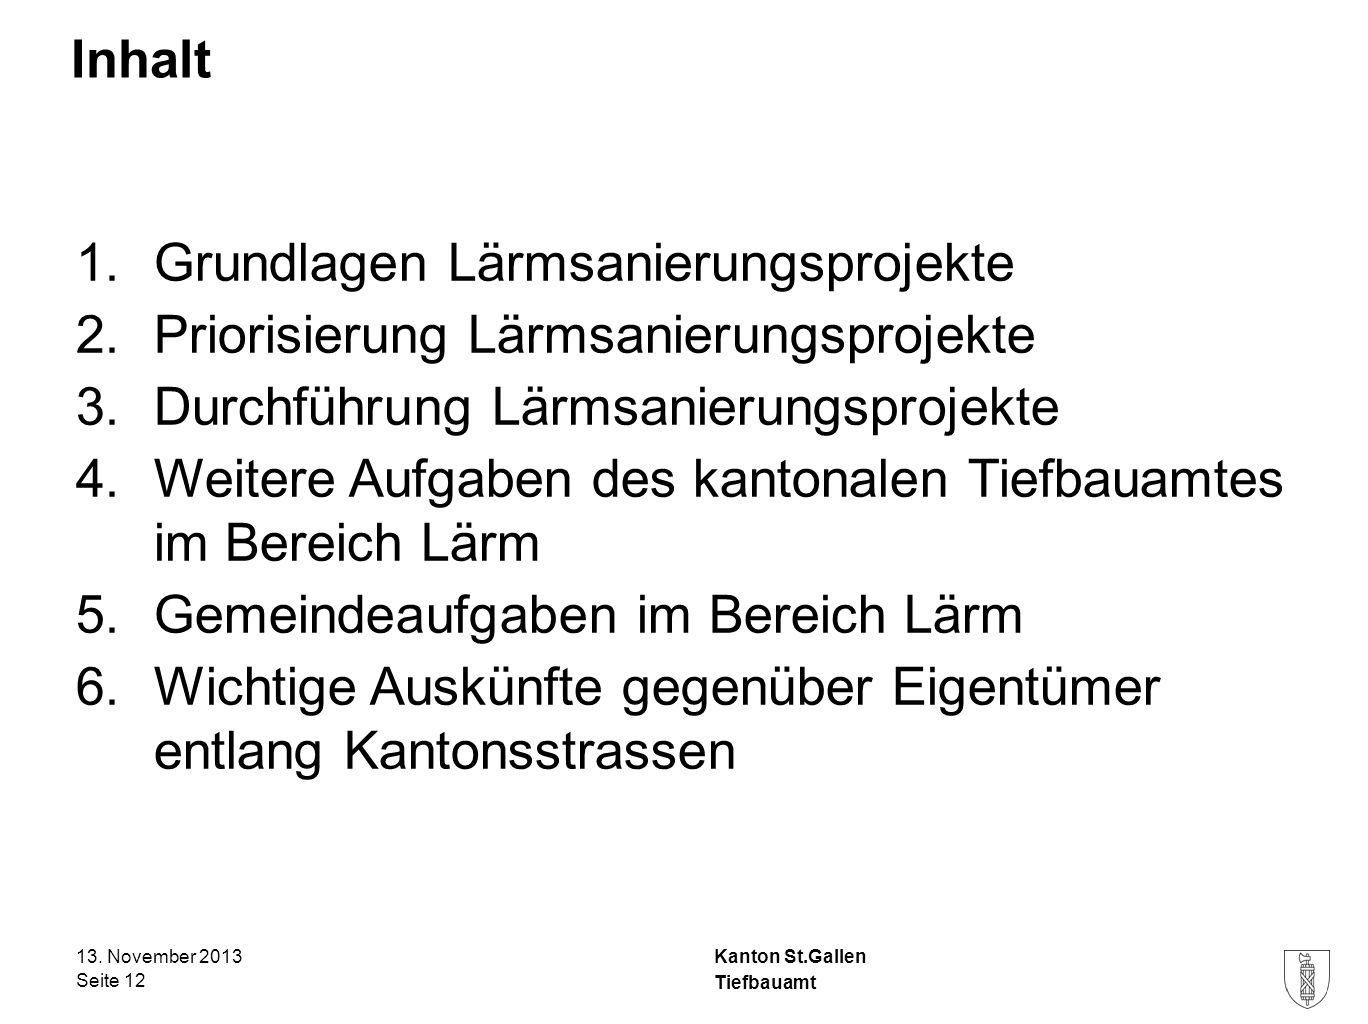 Kanton St.Gallen Inhalt 1.Grundlagen Lärmsanierungsprojekte 2.Priorisierung Lärmsanierungsprojekte 3.Durchführung Lärmsanierungsprojekte 4.Weitere Auf